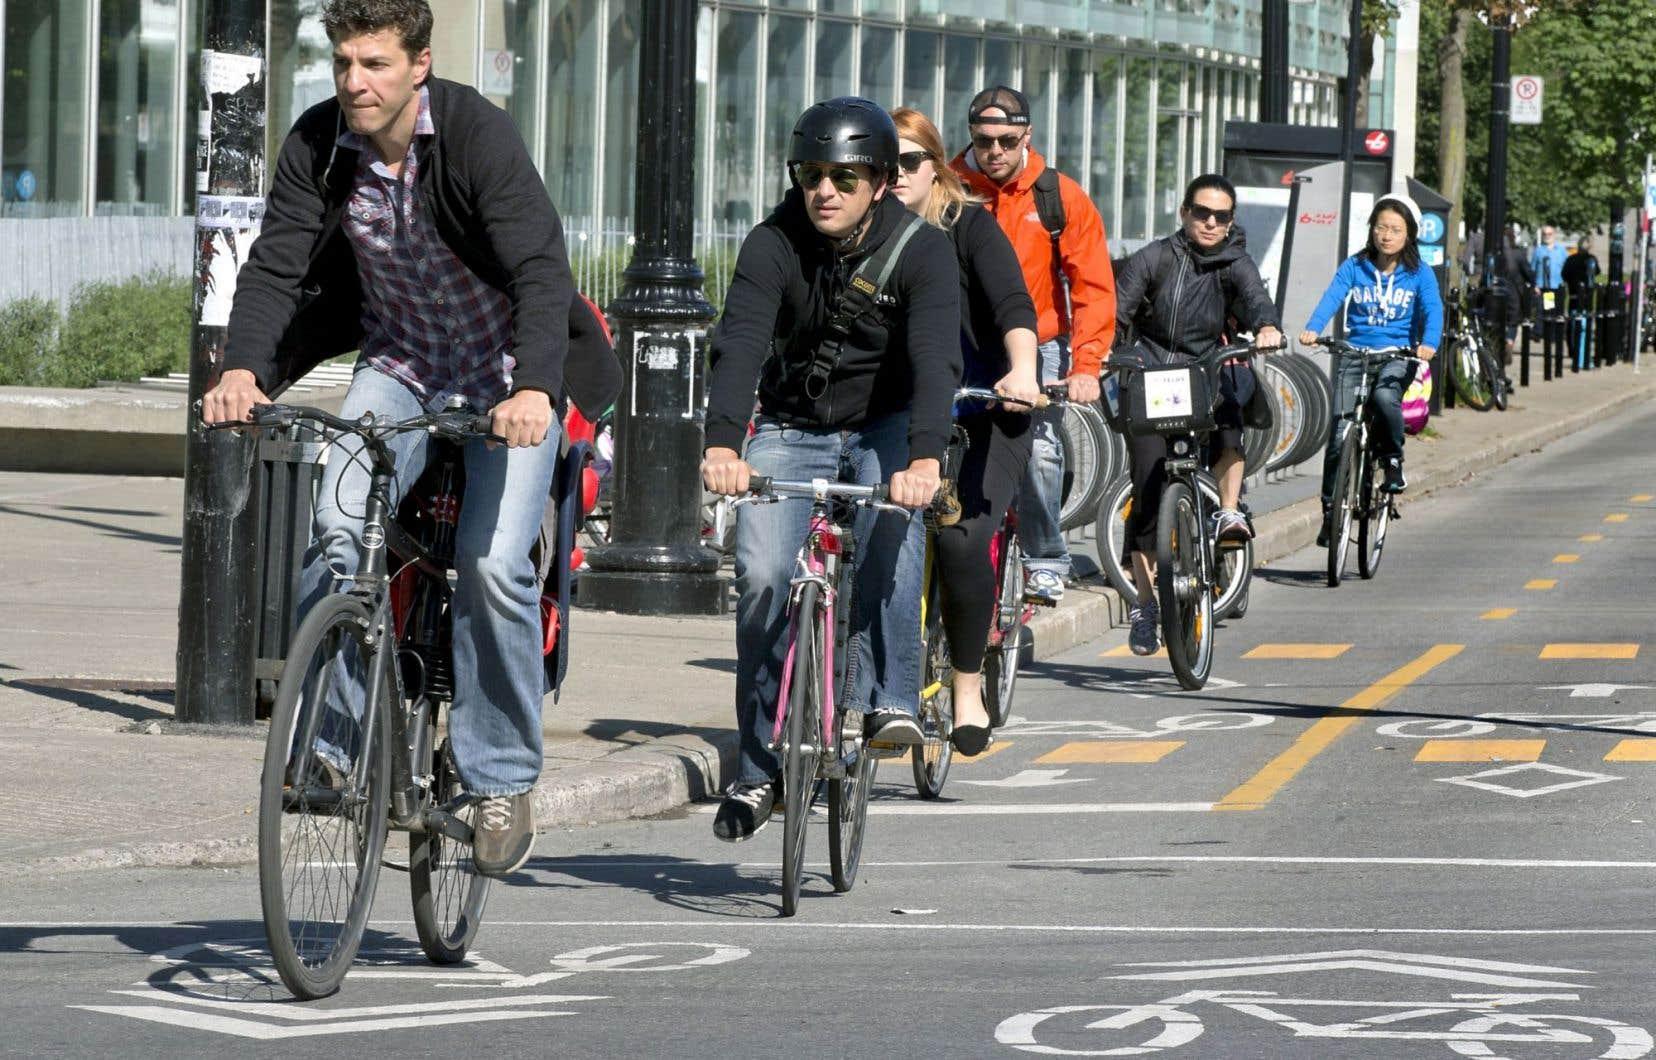 La majorité des gens qui pourraient se déplacer à vélo le boudent, souvent pour des prétextes mal fondés.